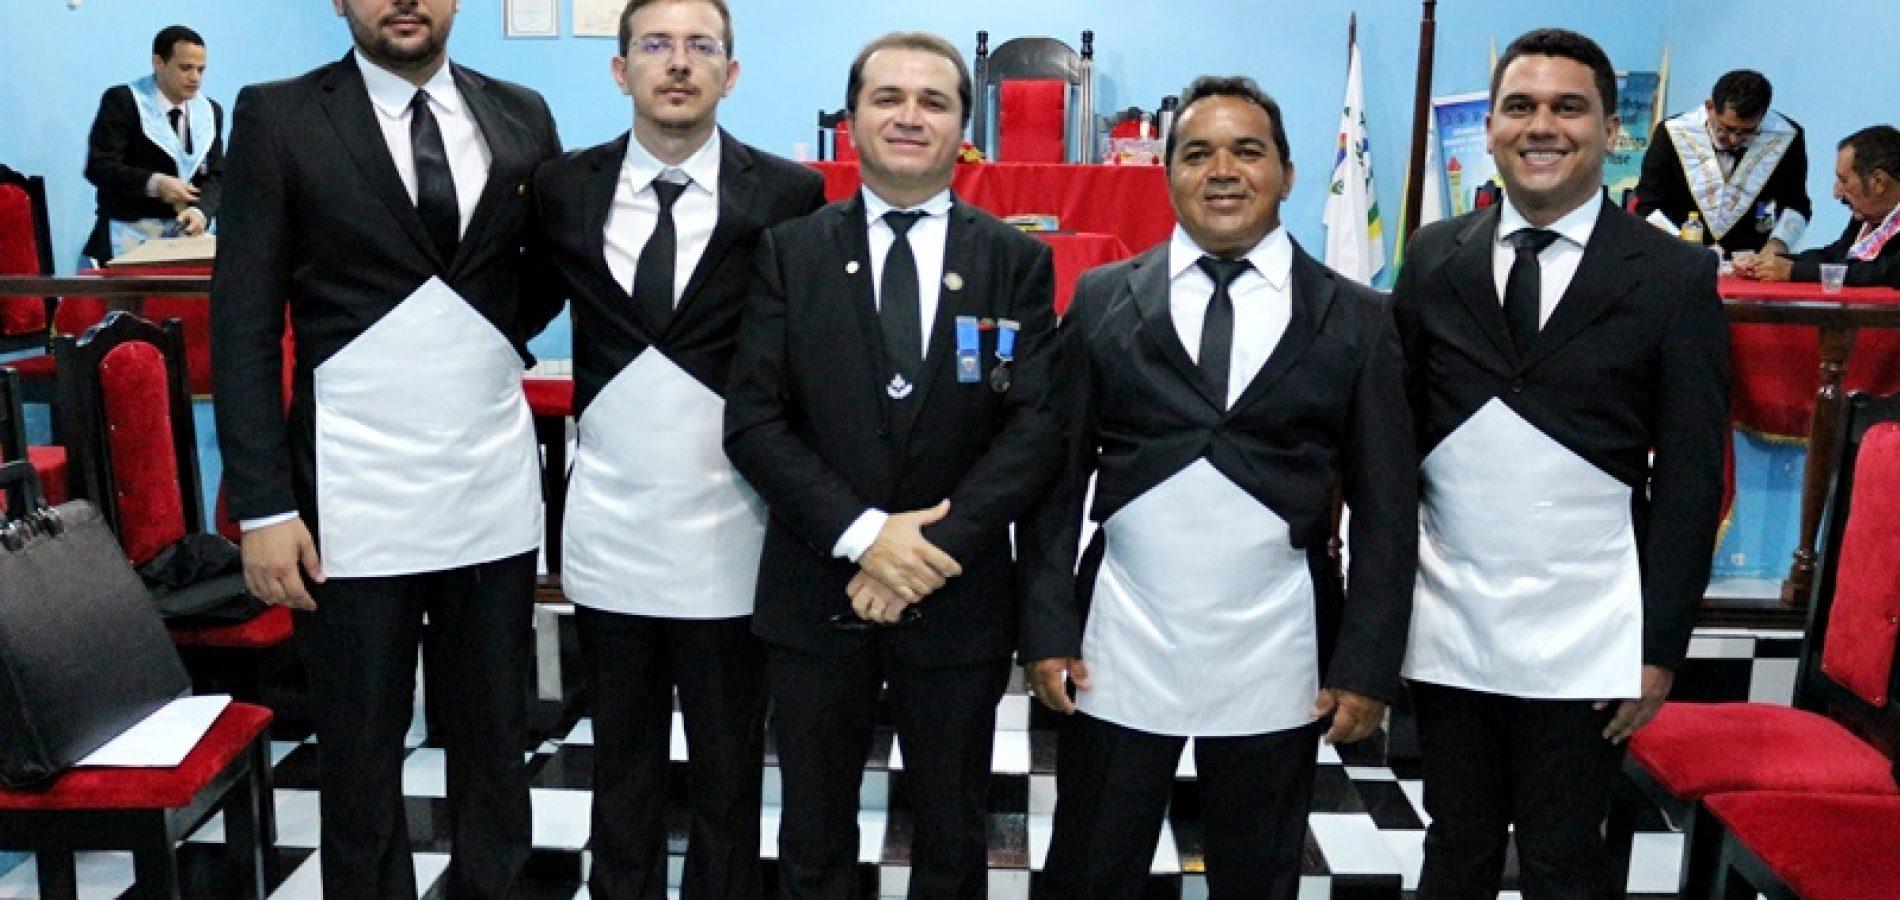 Em Simões, Loja Maçônica inicia quatro novos membros; veja fotos